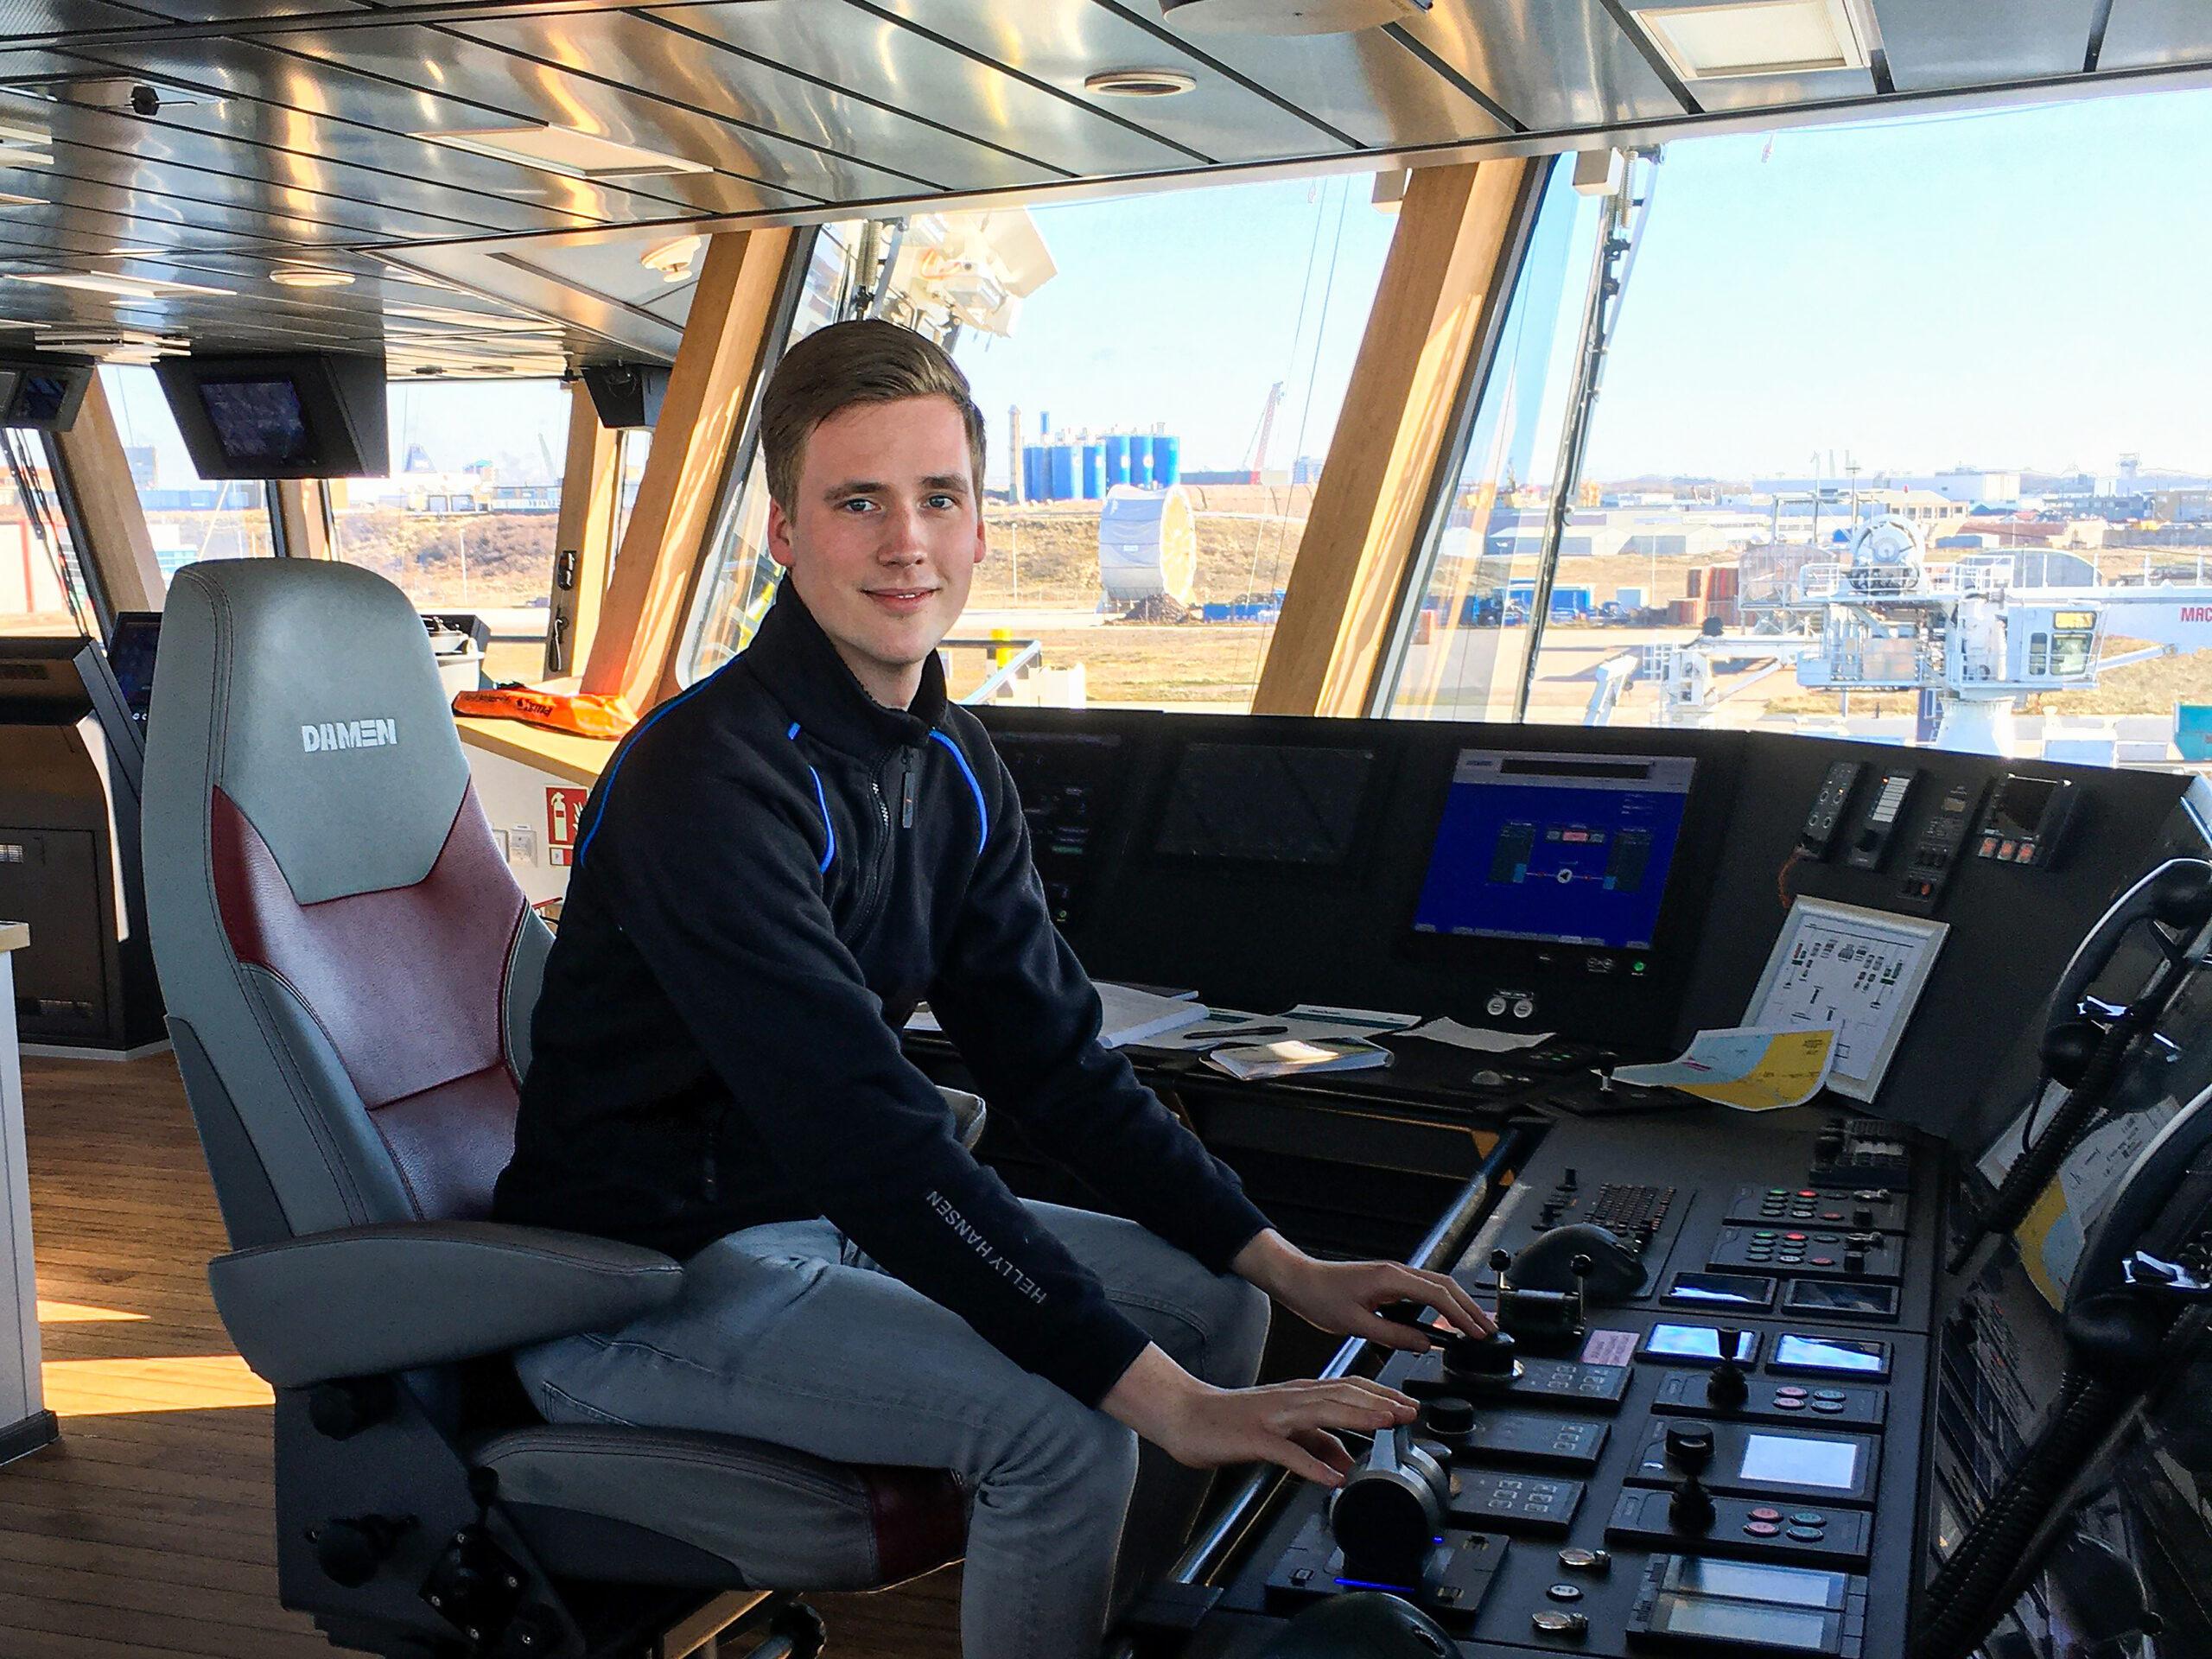 Portret van Patrick op de brug van een schip